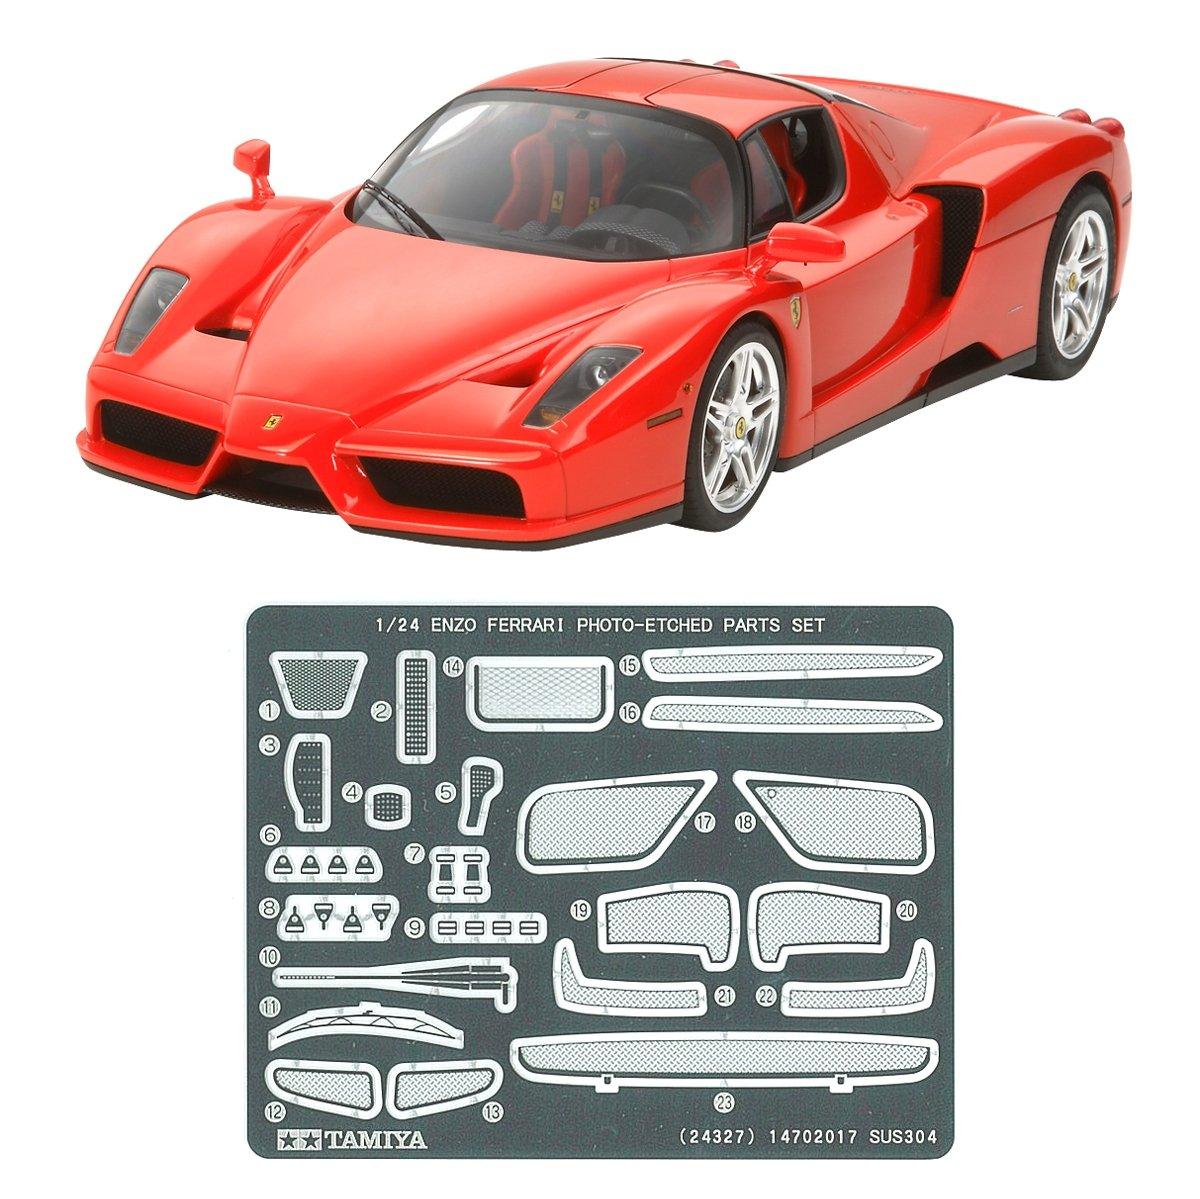 タミヤ 1/24 スポーツカーシリーズ No.327 エンツォ フェラーリ (エッチングパーツ付き) 24327 B0099FMFUA